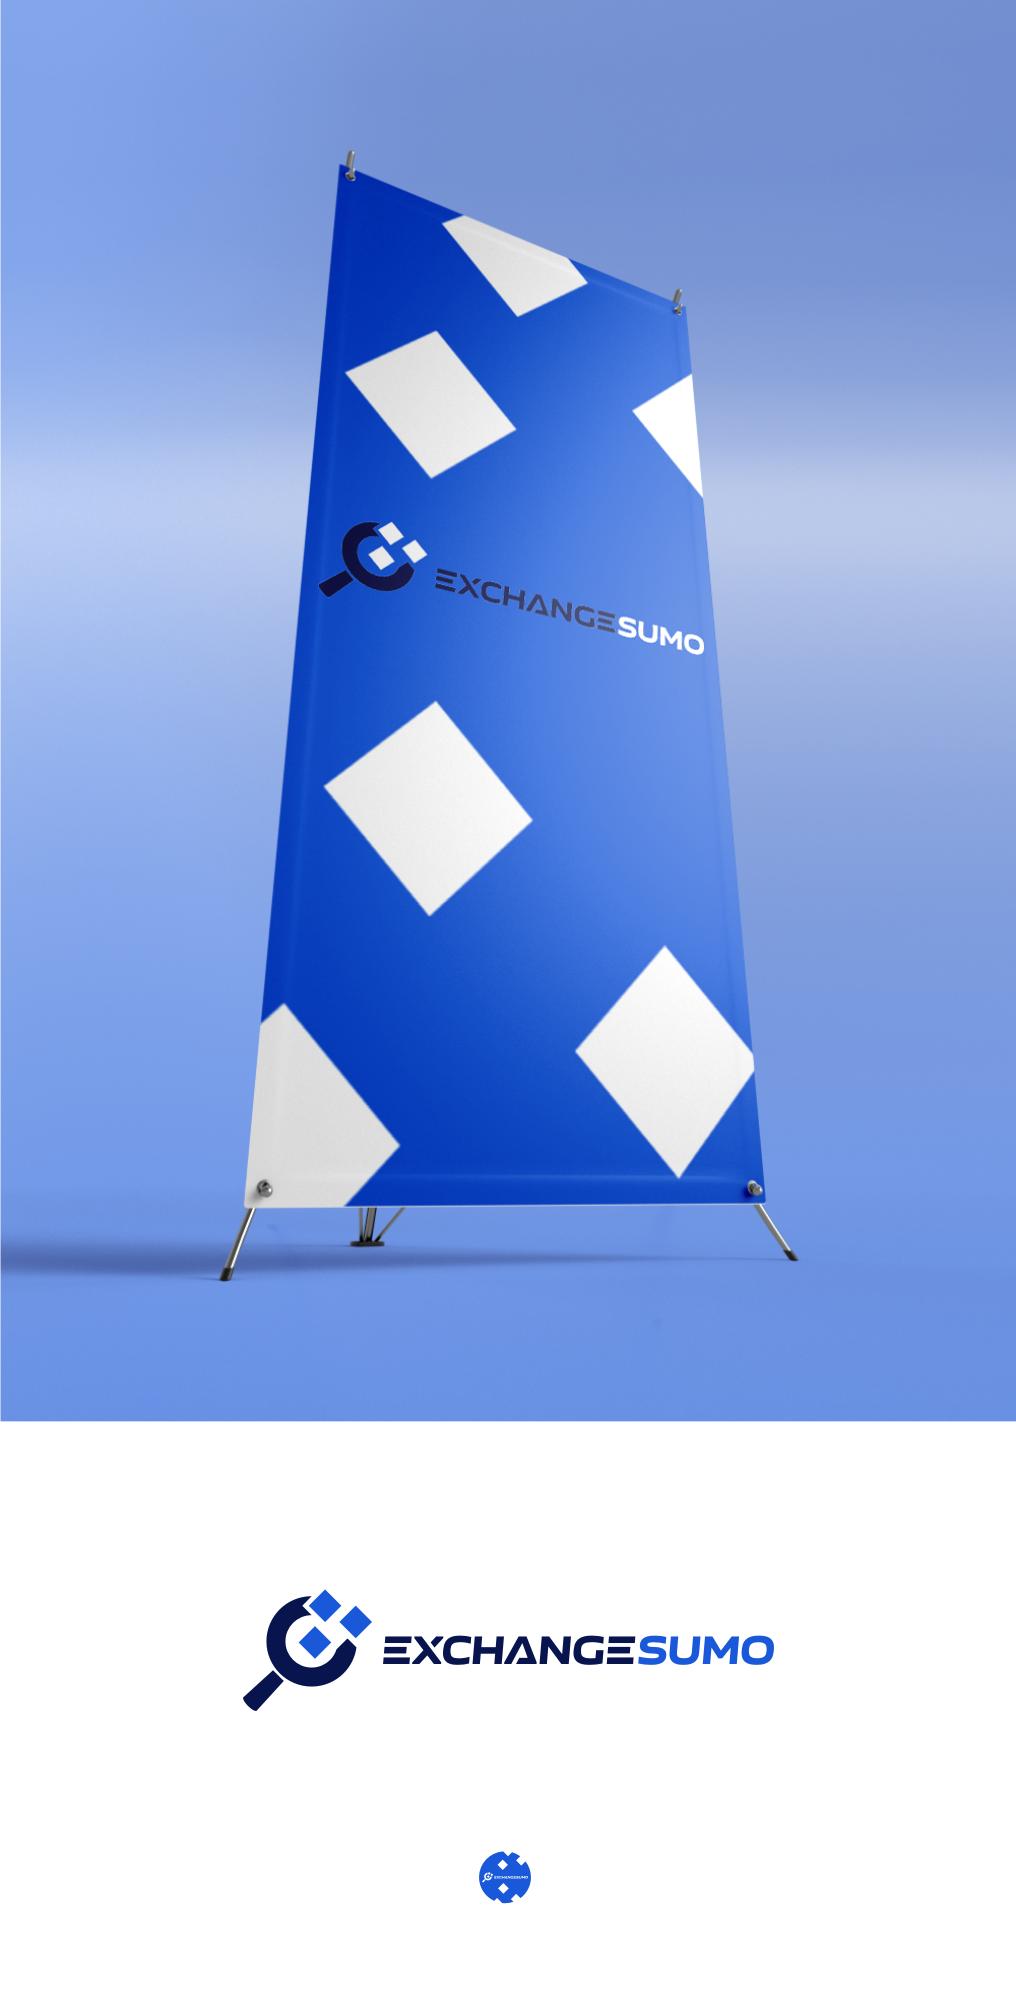 Логотип для мониторинга обменников фото f_2695bae2e35606da.png